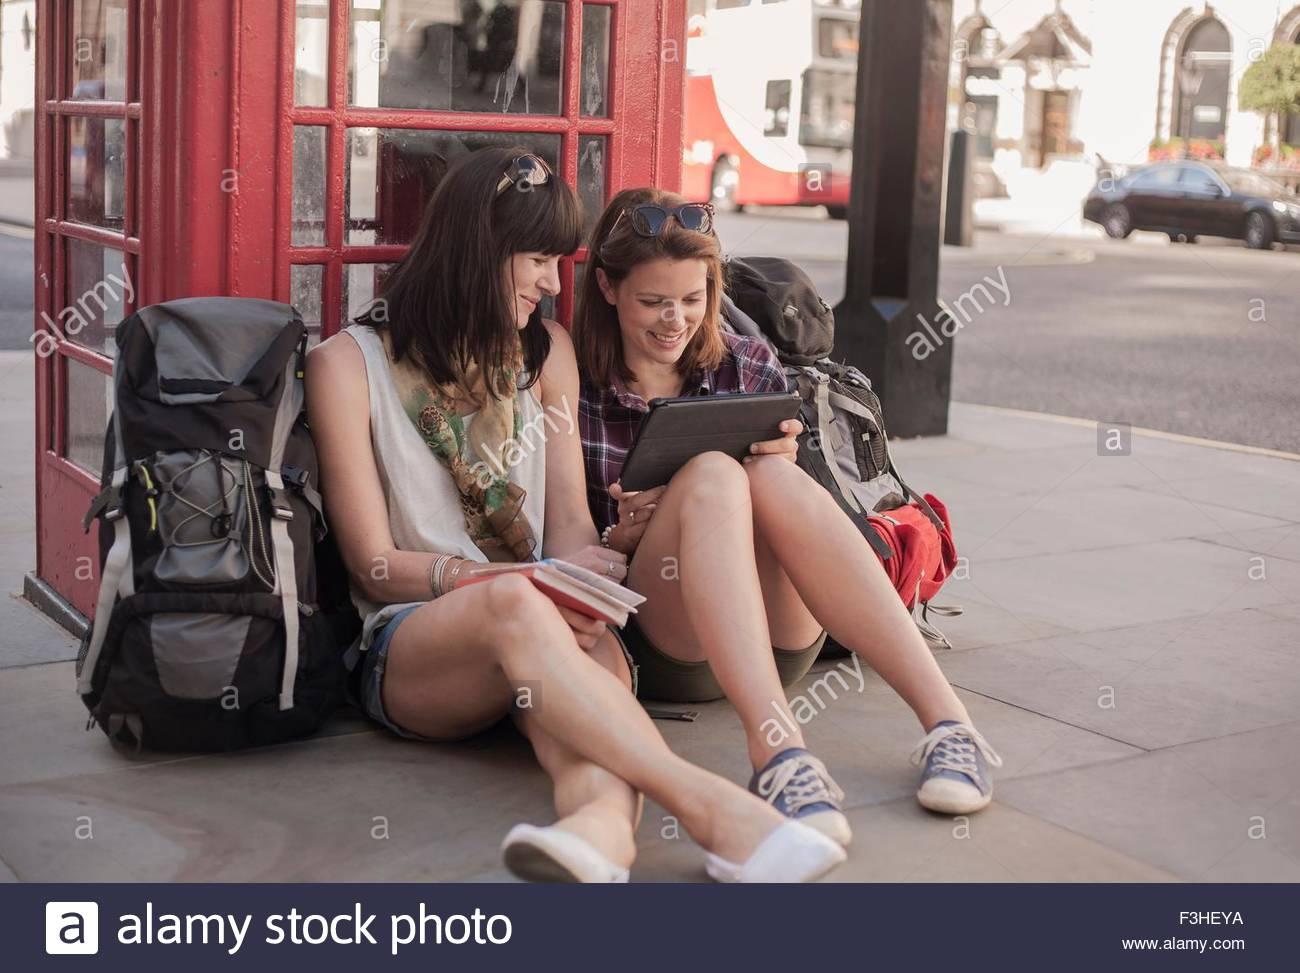 Zwei Frauen Rucksacktouristen sitzen auf Bürgersteig Routenplanung auf digital-Tablette, London, UK Stockbild